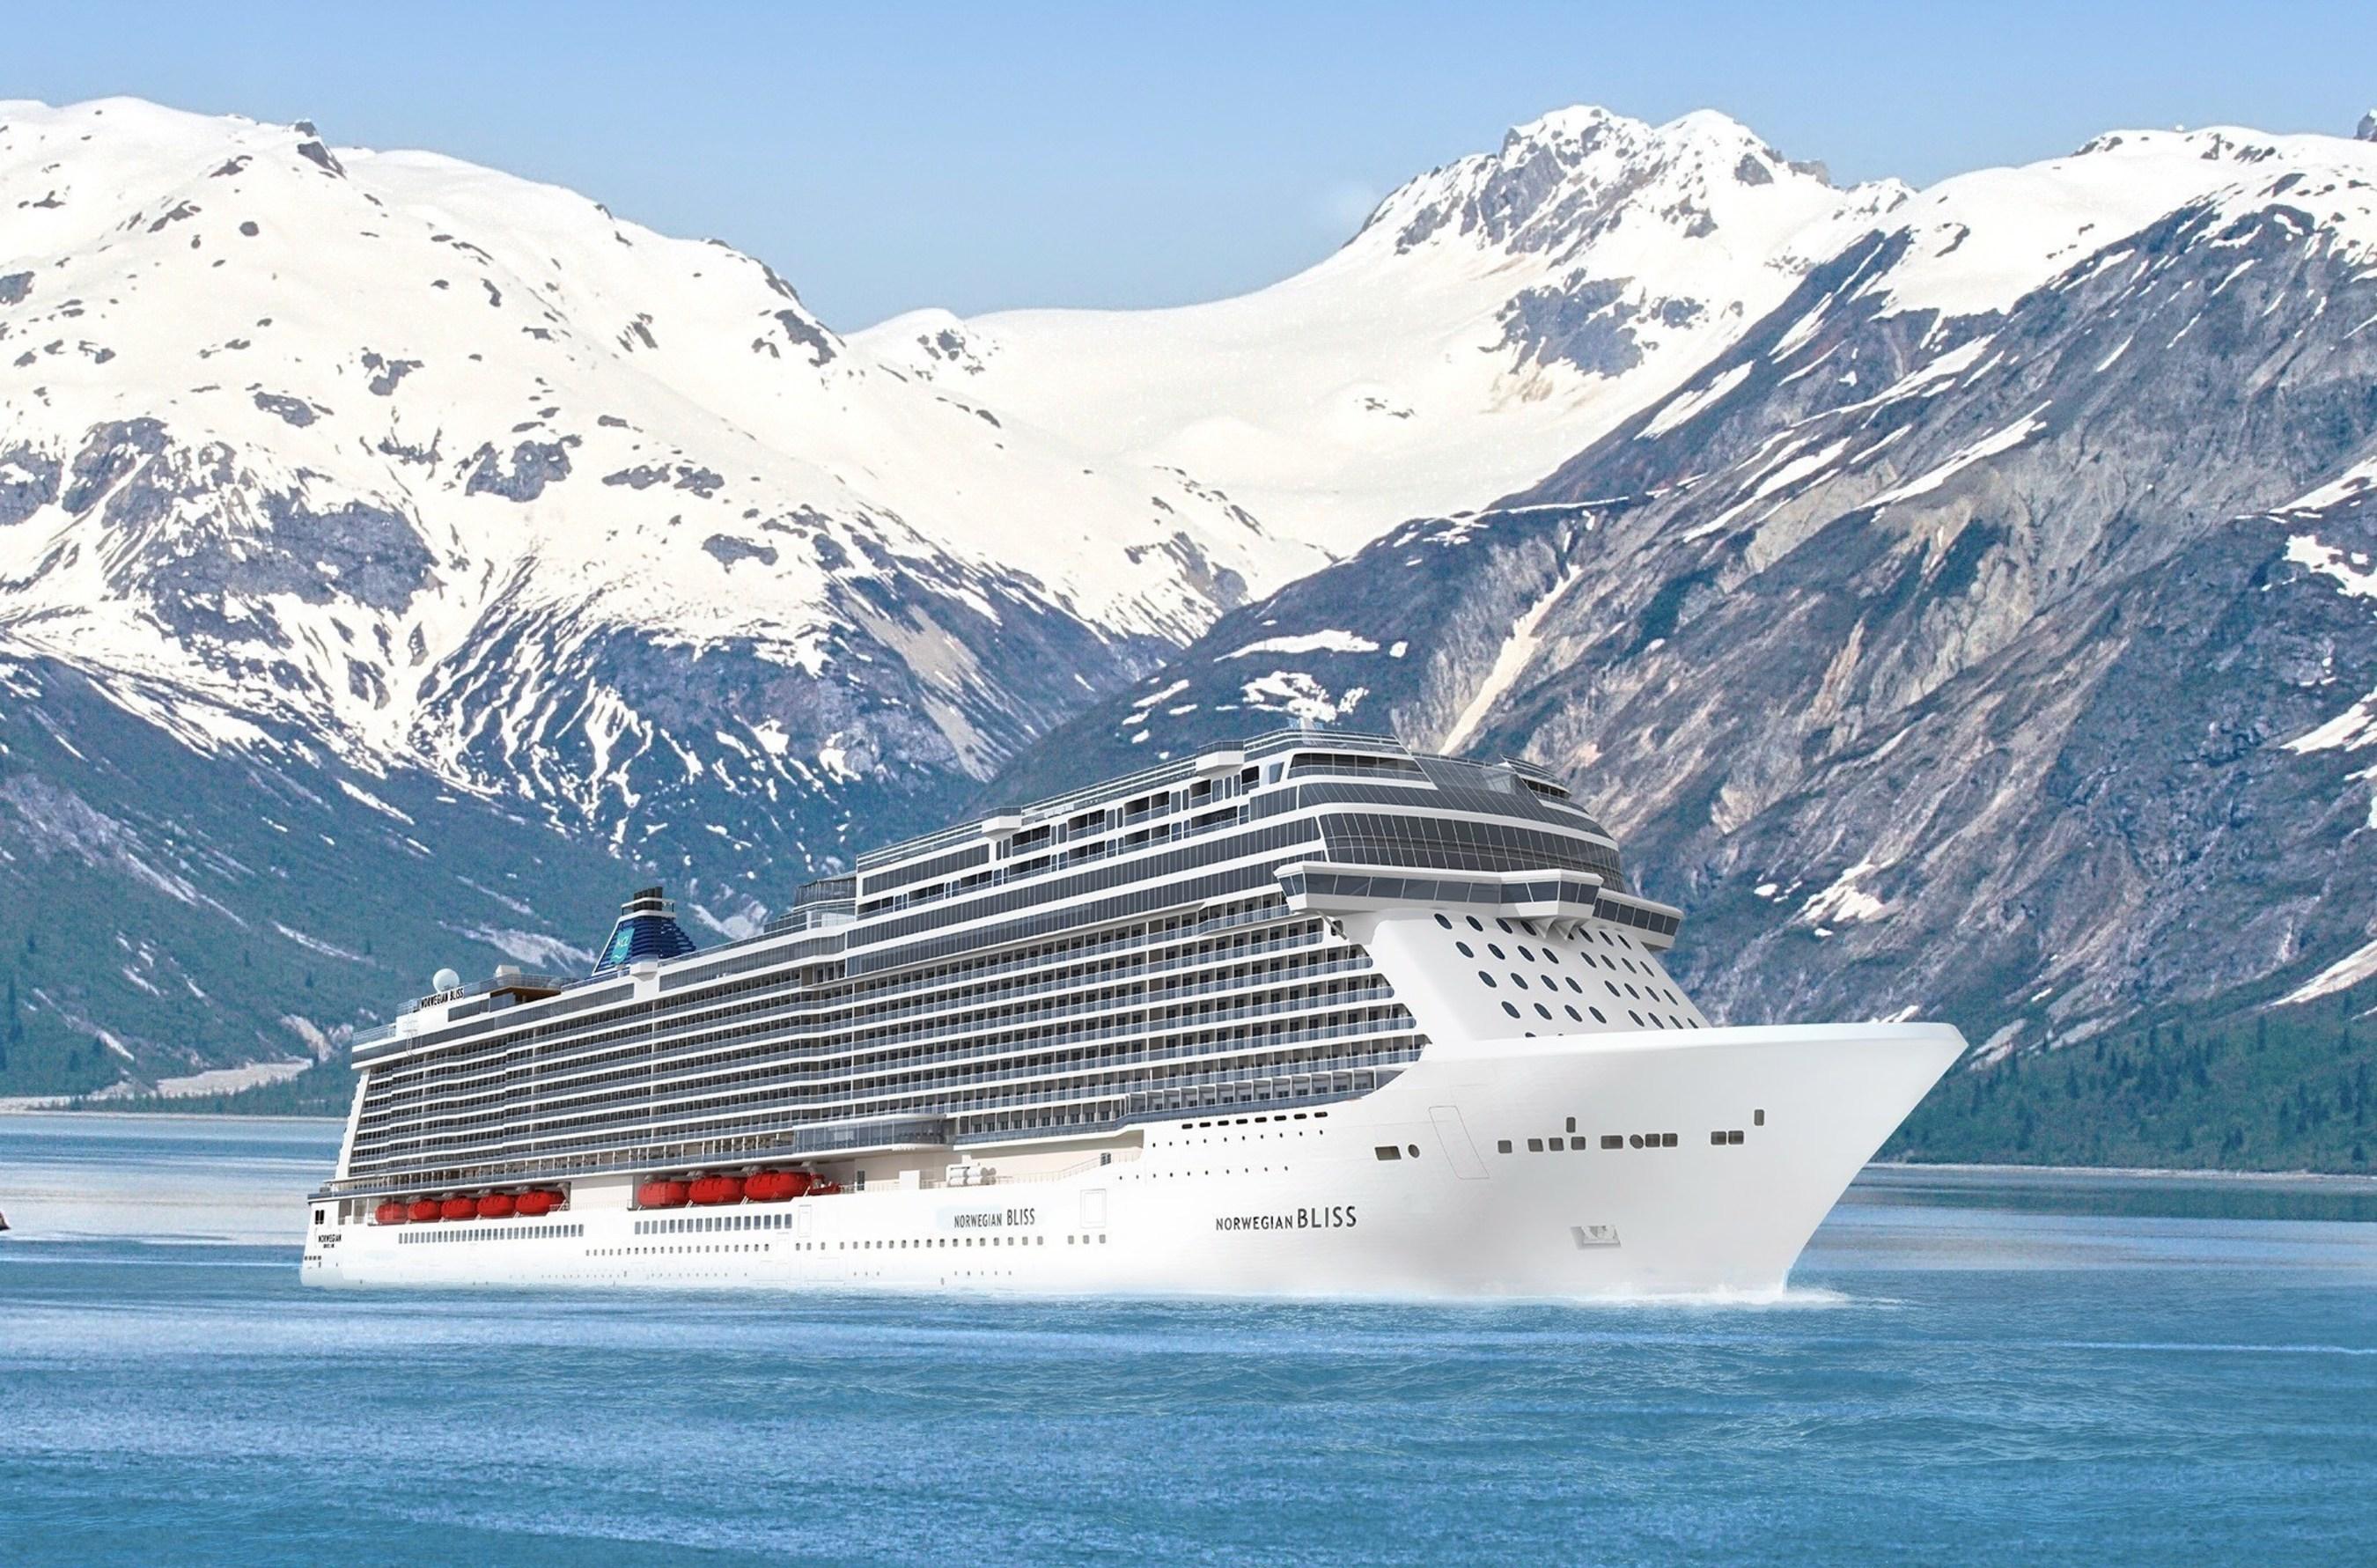 Norwegian Cruise Line To Debut New Ship Designed For Alaska Cruising